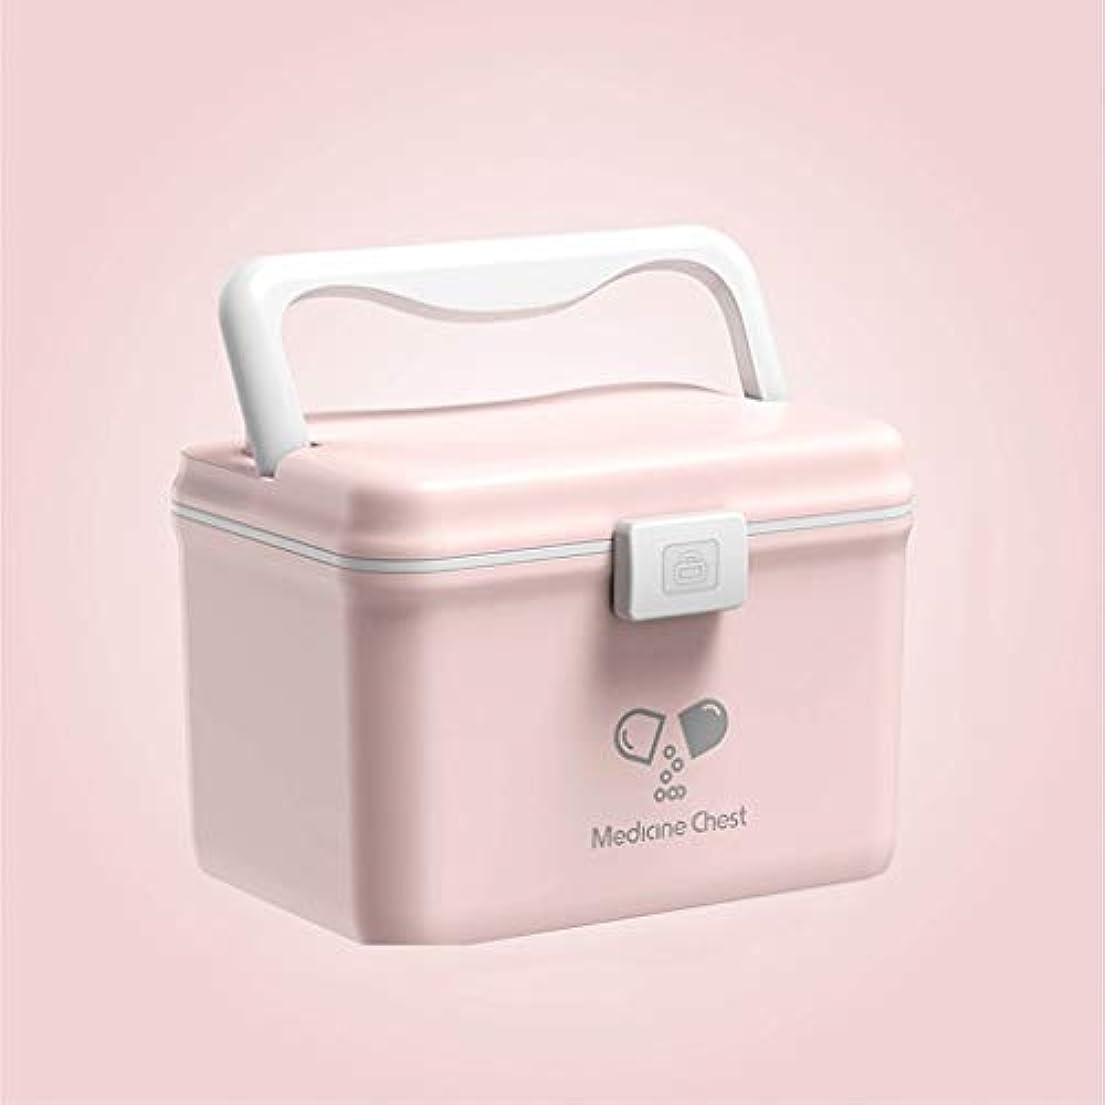 偽病うめき声薬箱ポータブル家庭用大容量二重層ドラッグ収納ボックスパーティションデザインでロック、使いやすい21×15×15.3センチ SYFO (Color : Pink)